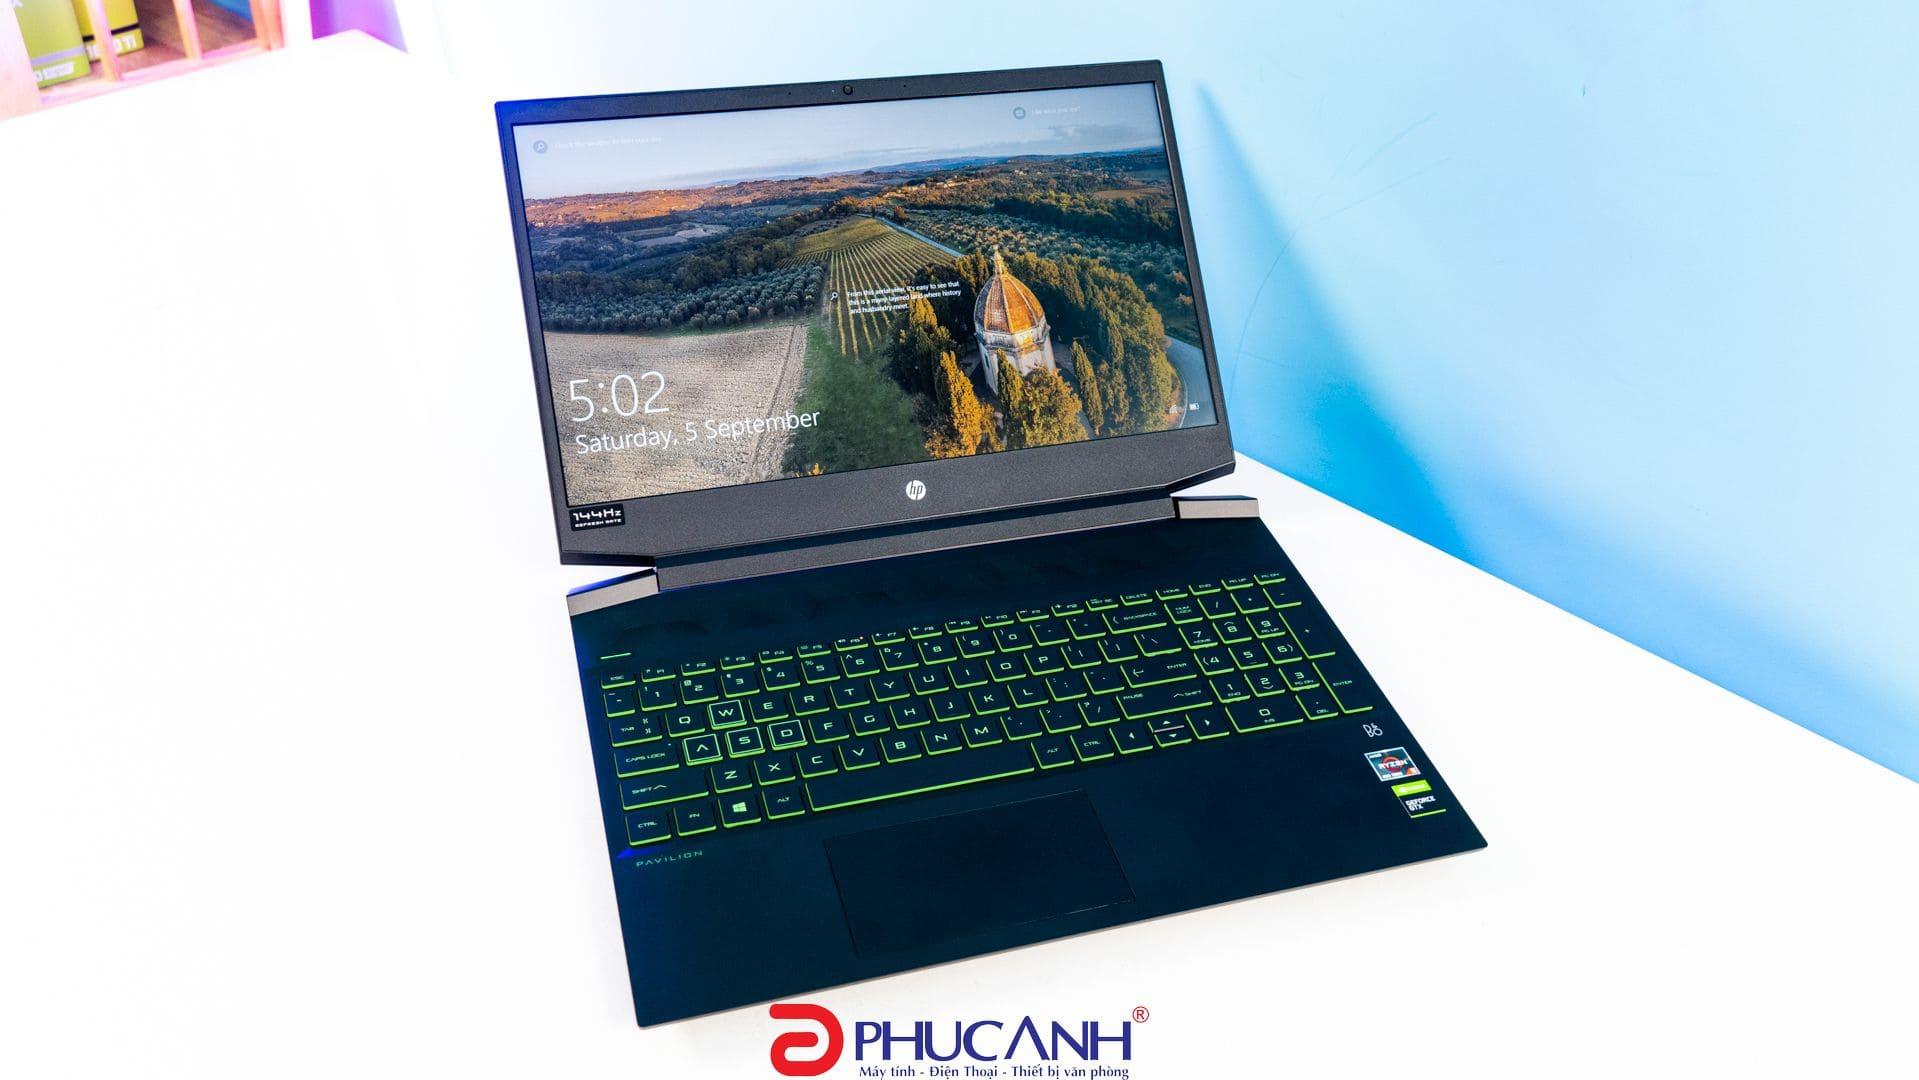 [Review] HP Pavilion gaming 15 2020 – Thiết kế tinh tế, cấu hình khỏe, màn hình 144Hz